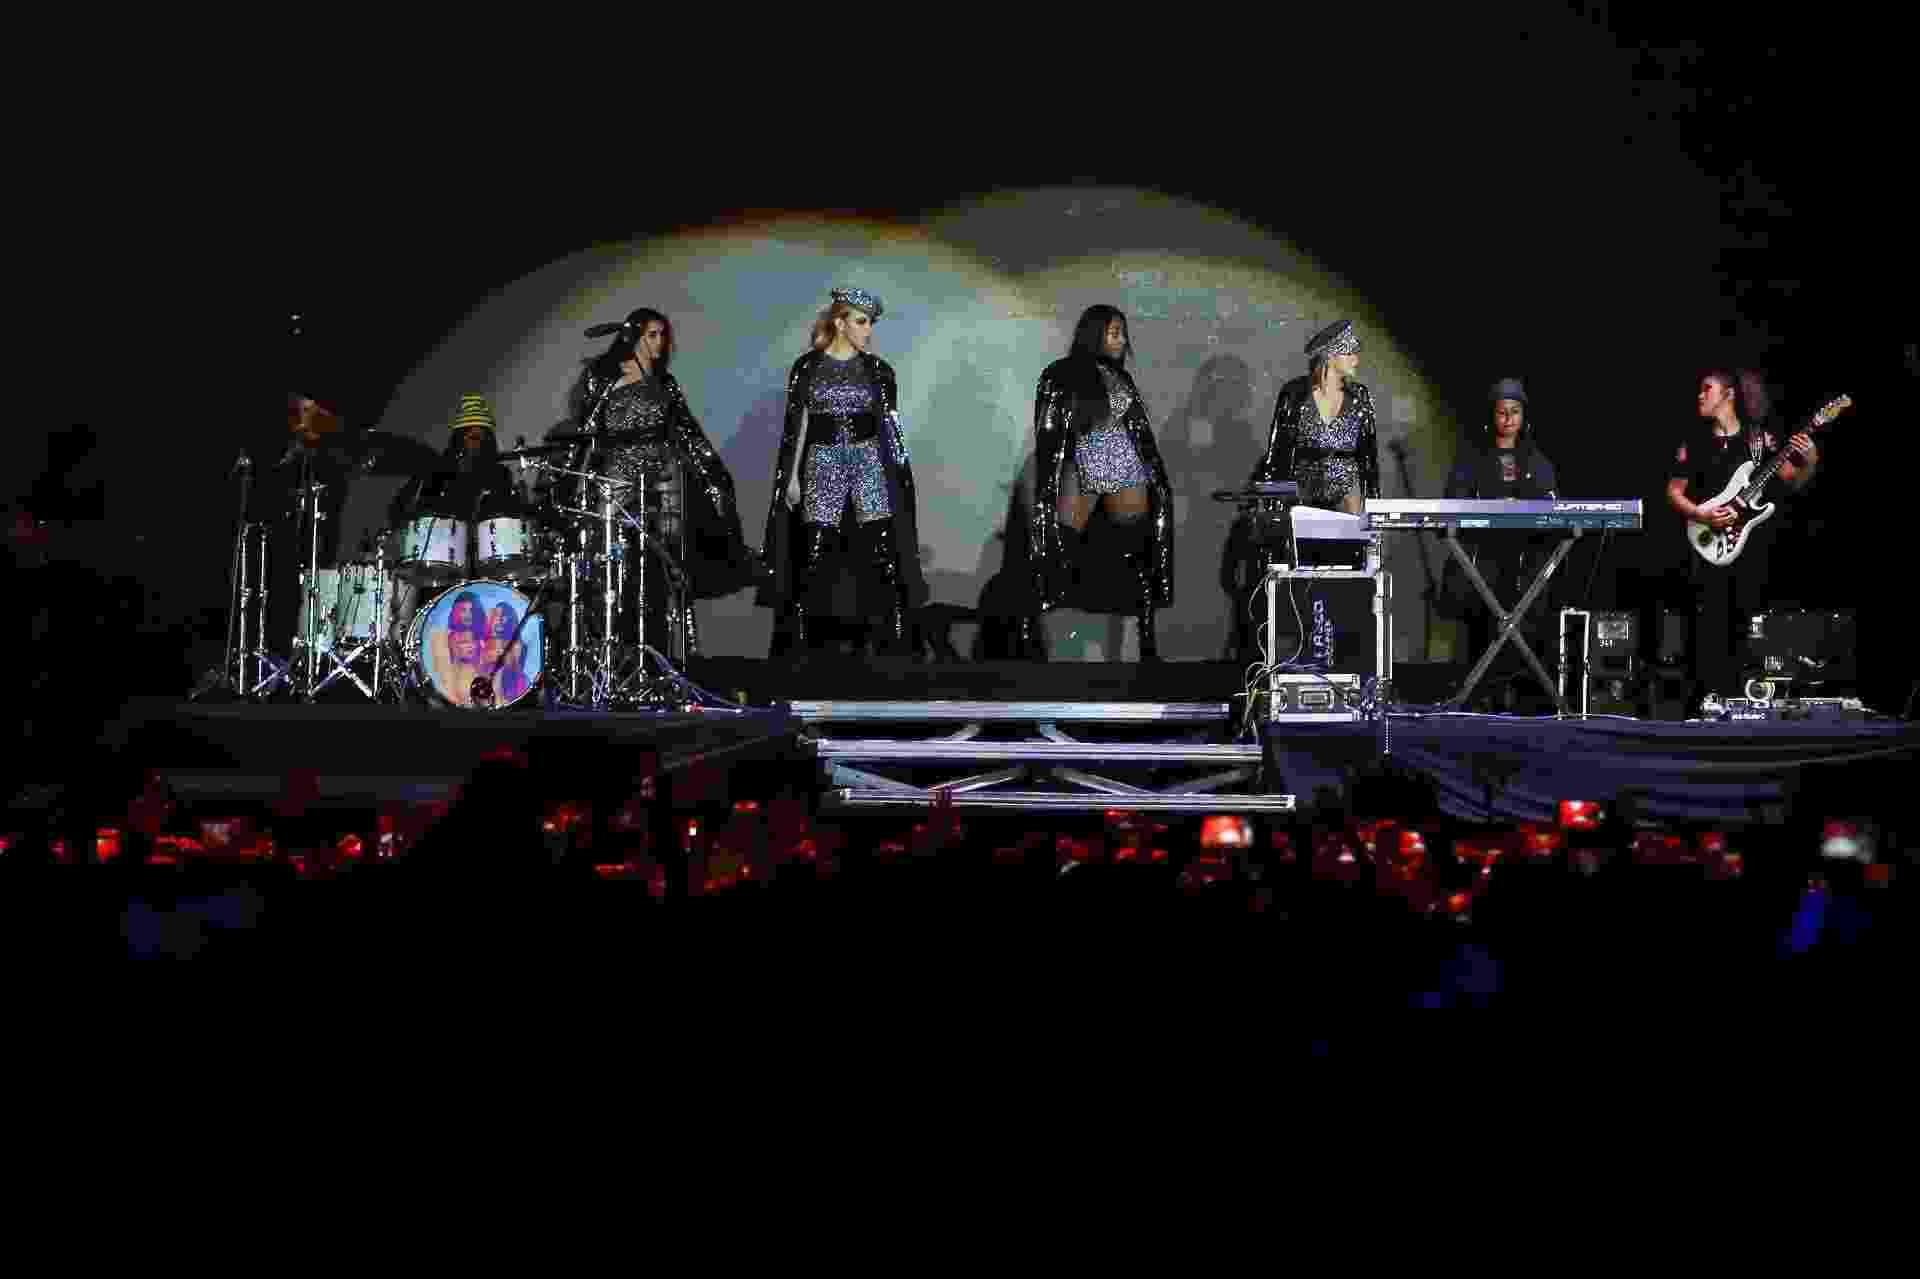 """""""São Paulo, vocês estão prontos? Nós somos o Fifth Harmony"""", disse em português Lauren na abertura do show do grupo pop no  VillaMix Festival São Paulo neste sábado (7), em São Paulo  - Amanda Perobelli/UOL"""